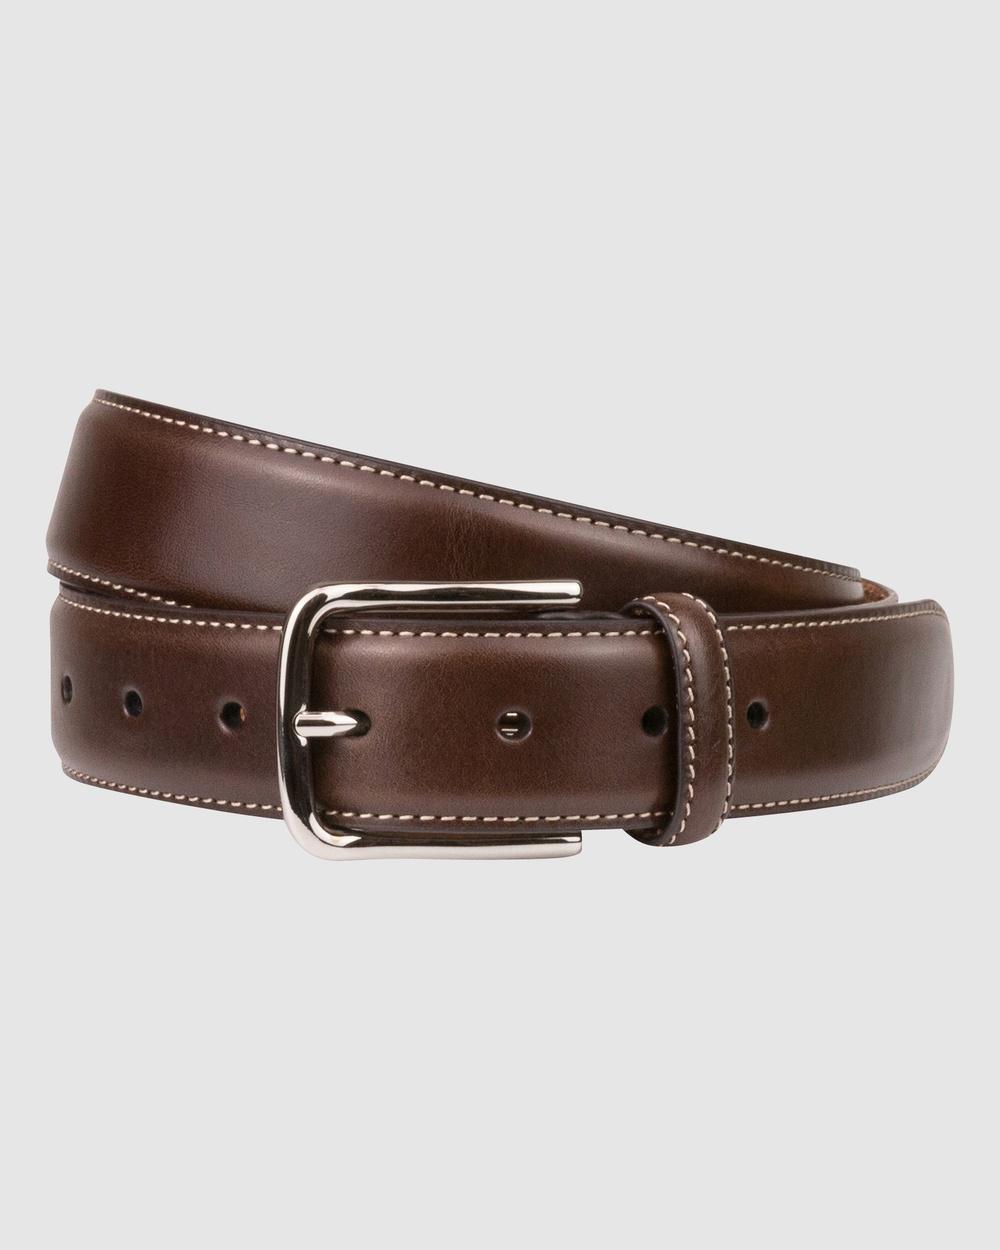 Florsheim Cruise Belt Belts Dark brown